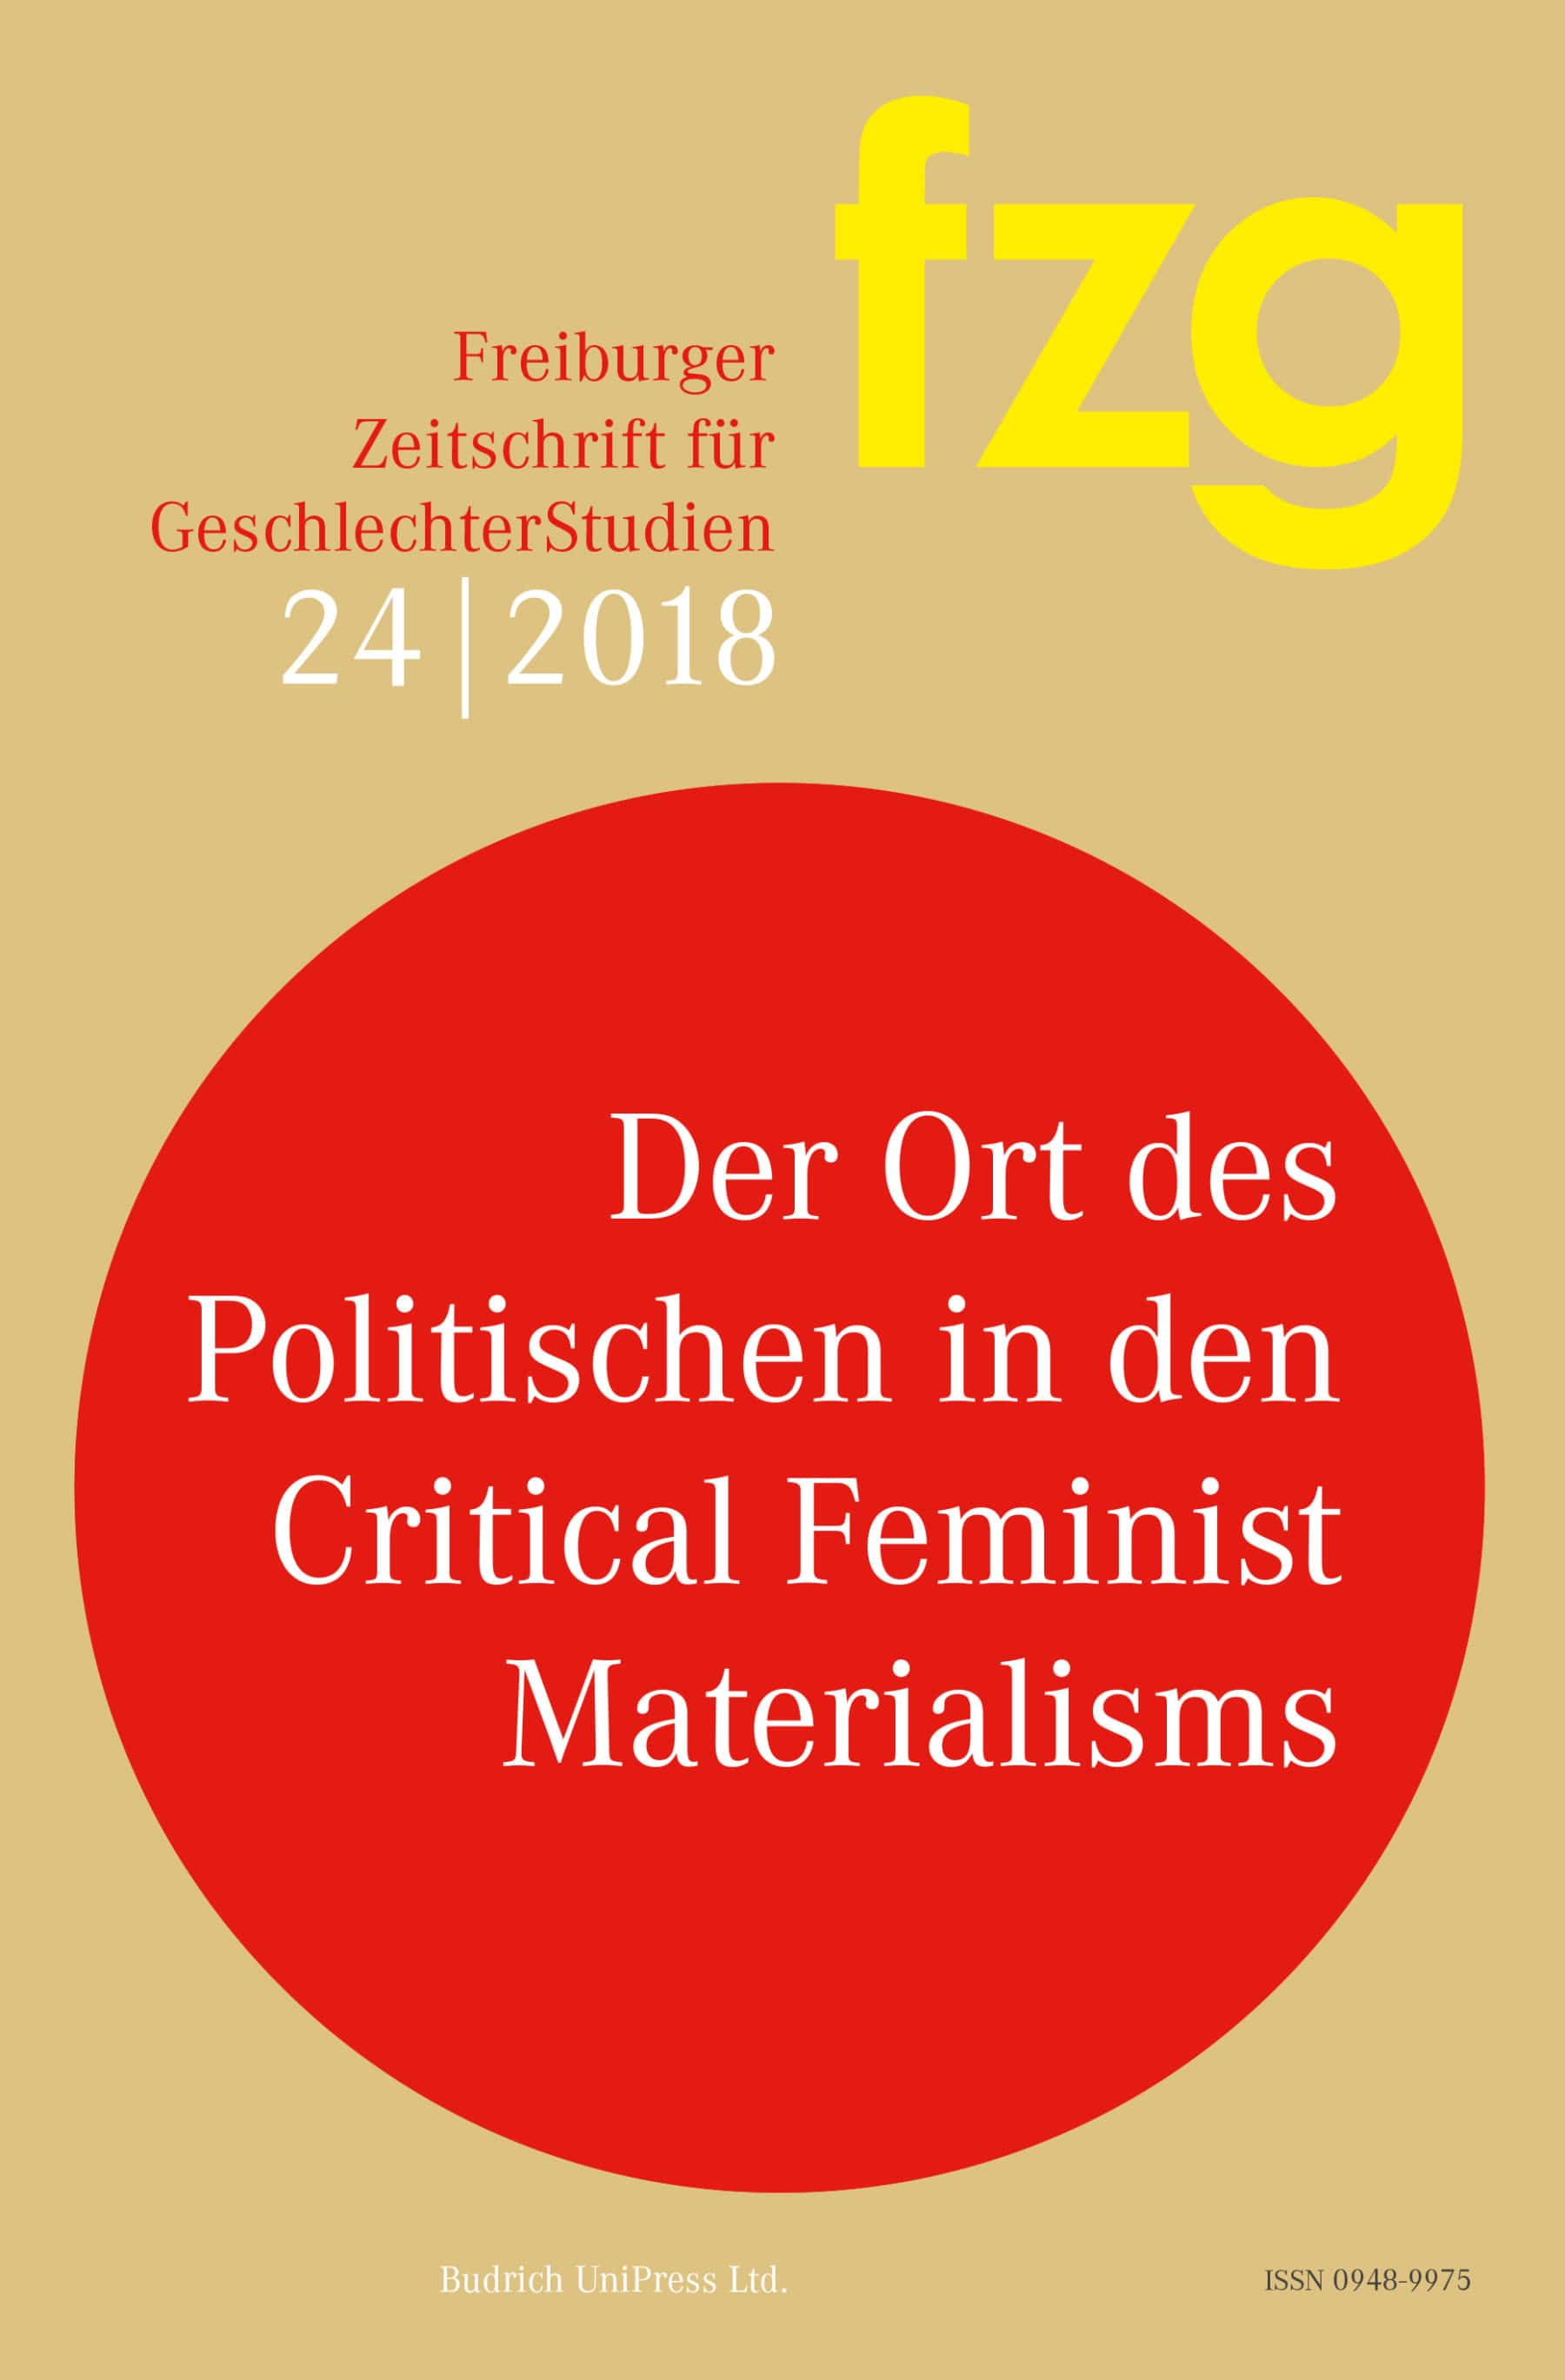 FZG – Freiburger Zeitschrift für GeschlechterStudien 2018: Der Ort des Politischen in den Critical Feminist Materialisms